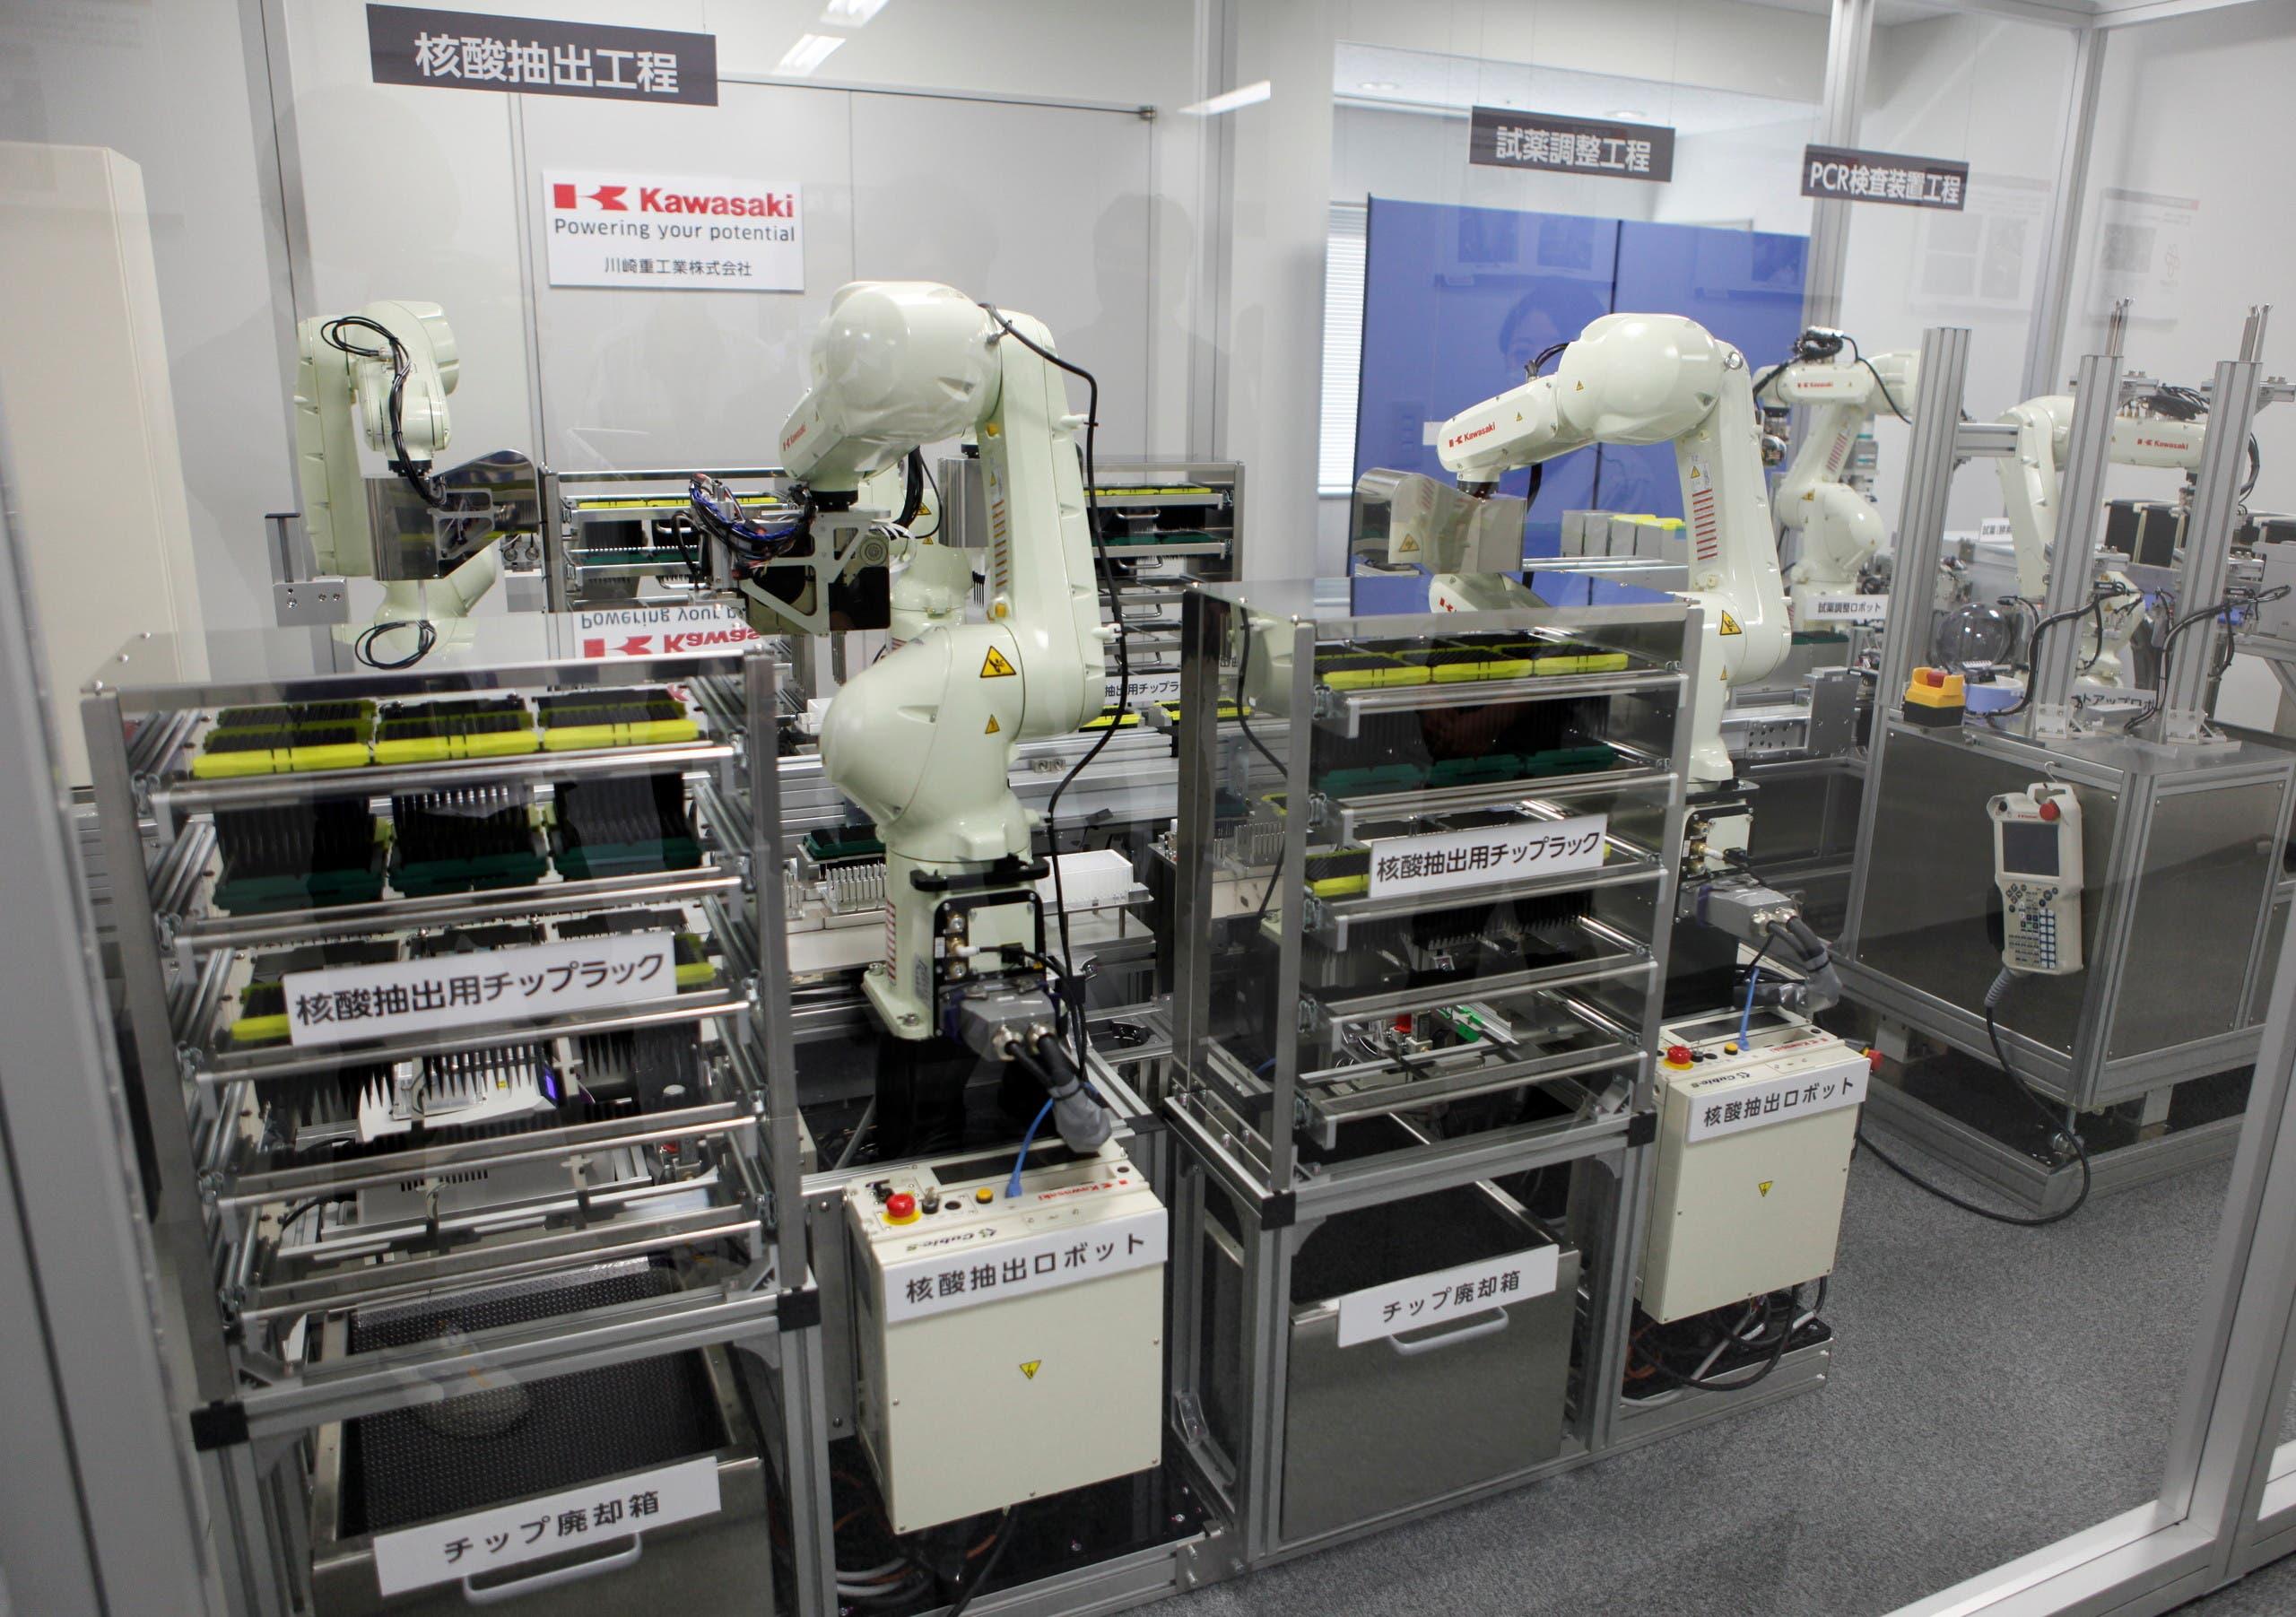 من المختبر حيث يتم تطوير هذه الروبوتات